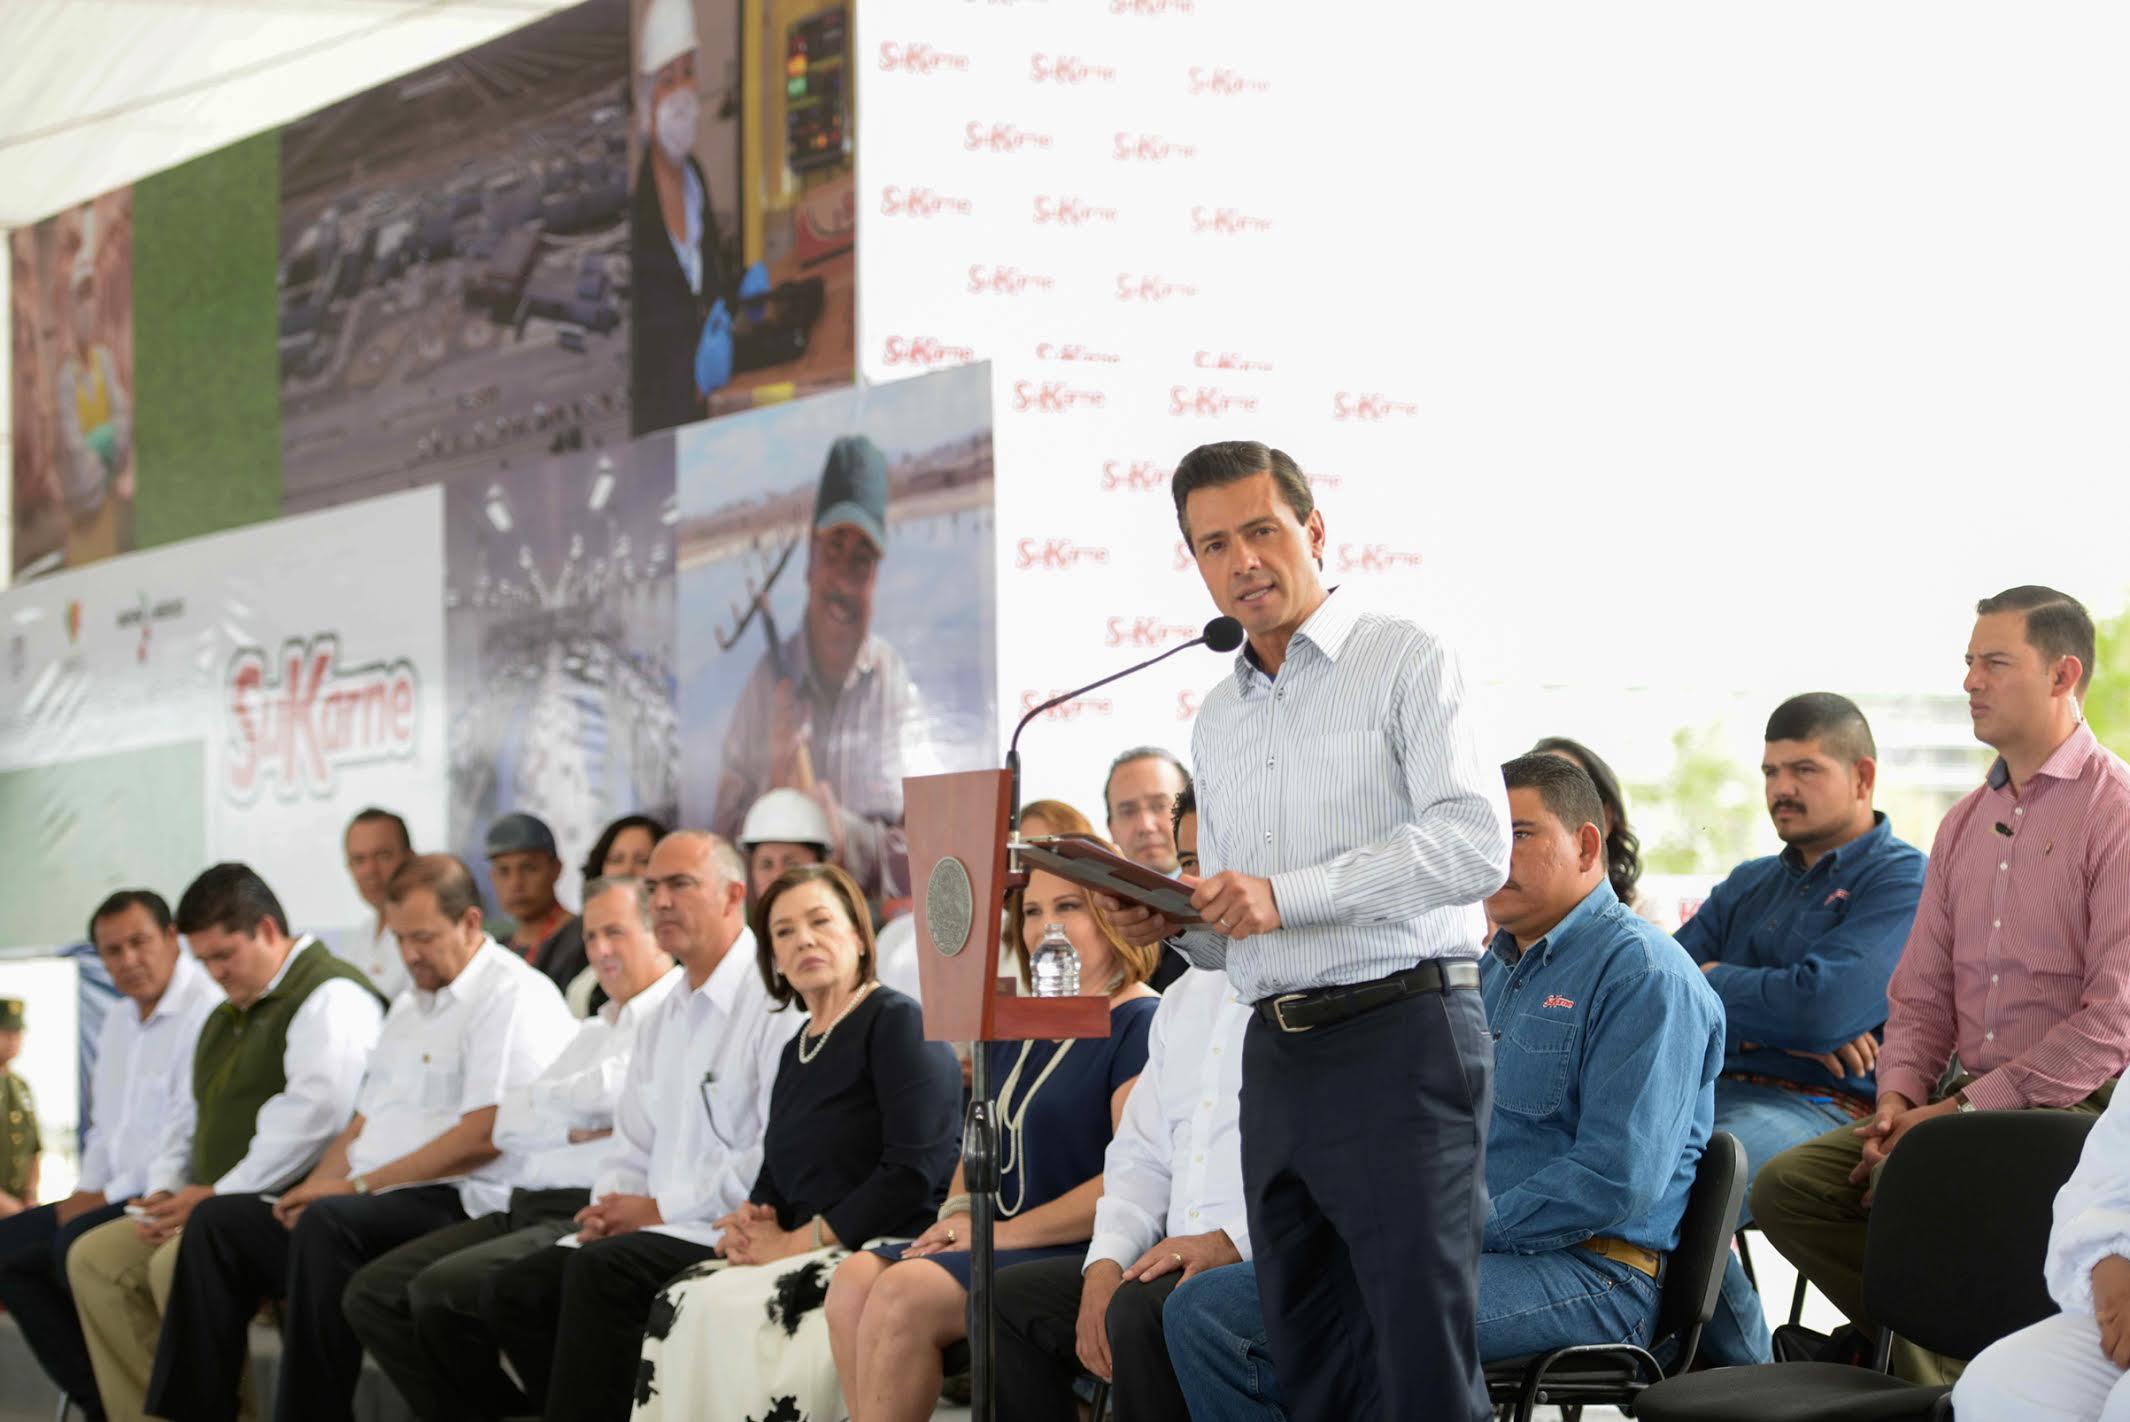 """El Primer Mandatario ofrece su discurso durante la inauguración del Agroparque """"Integradora SuKarne Lucero""""."""